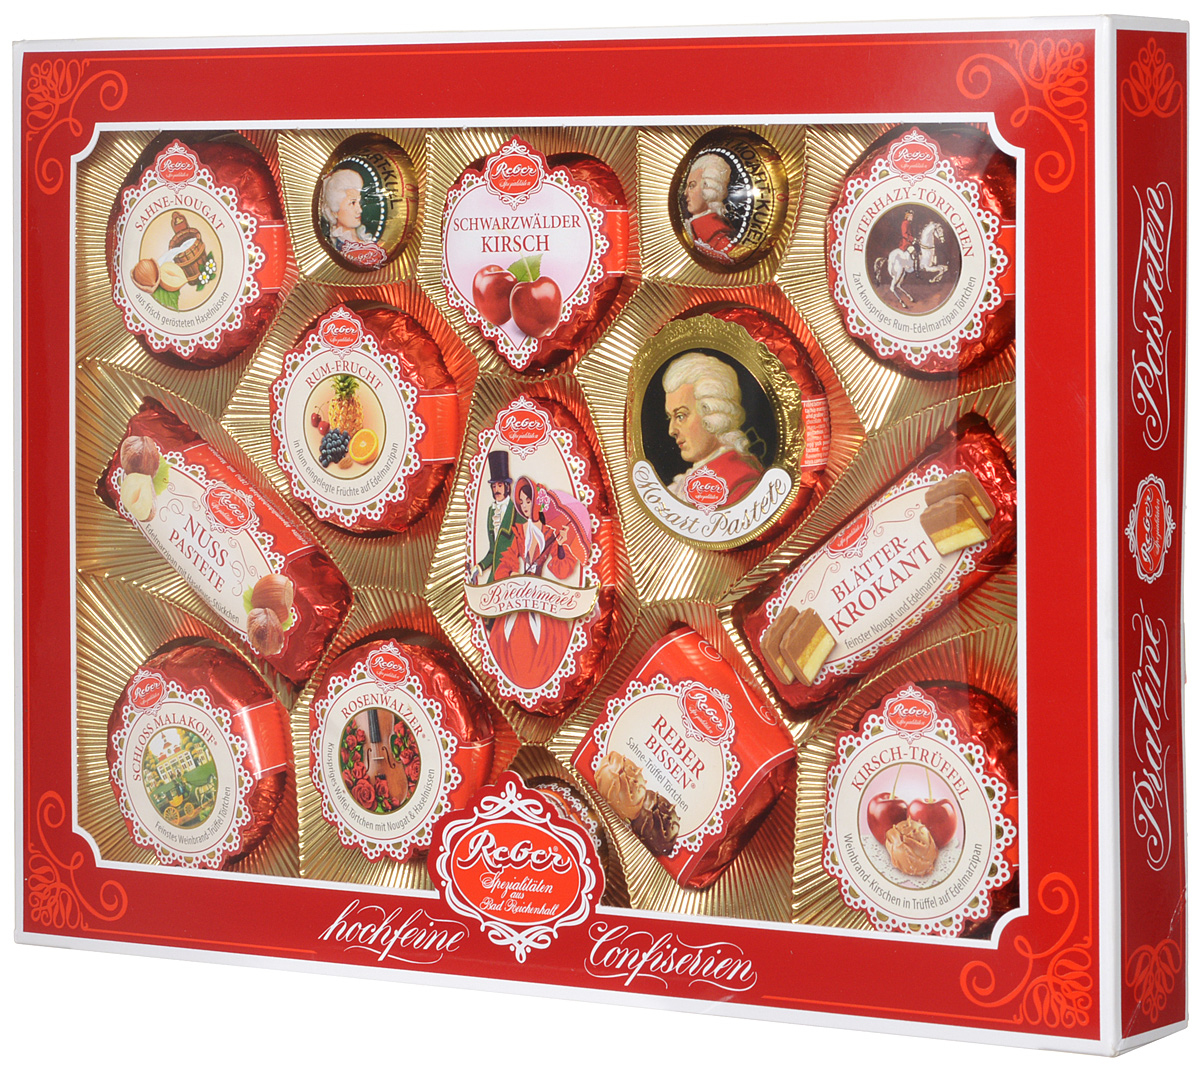 Reber Mozart подарочный набор шоколадных конфет, 525 г (коробка с окном)